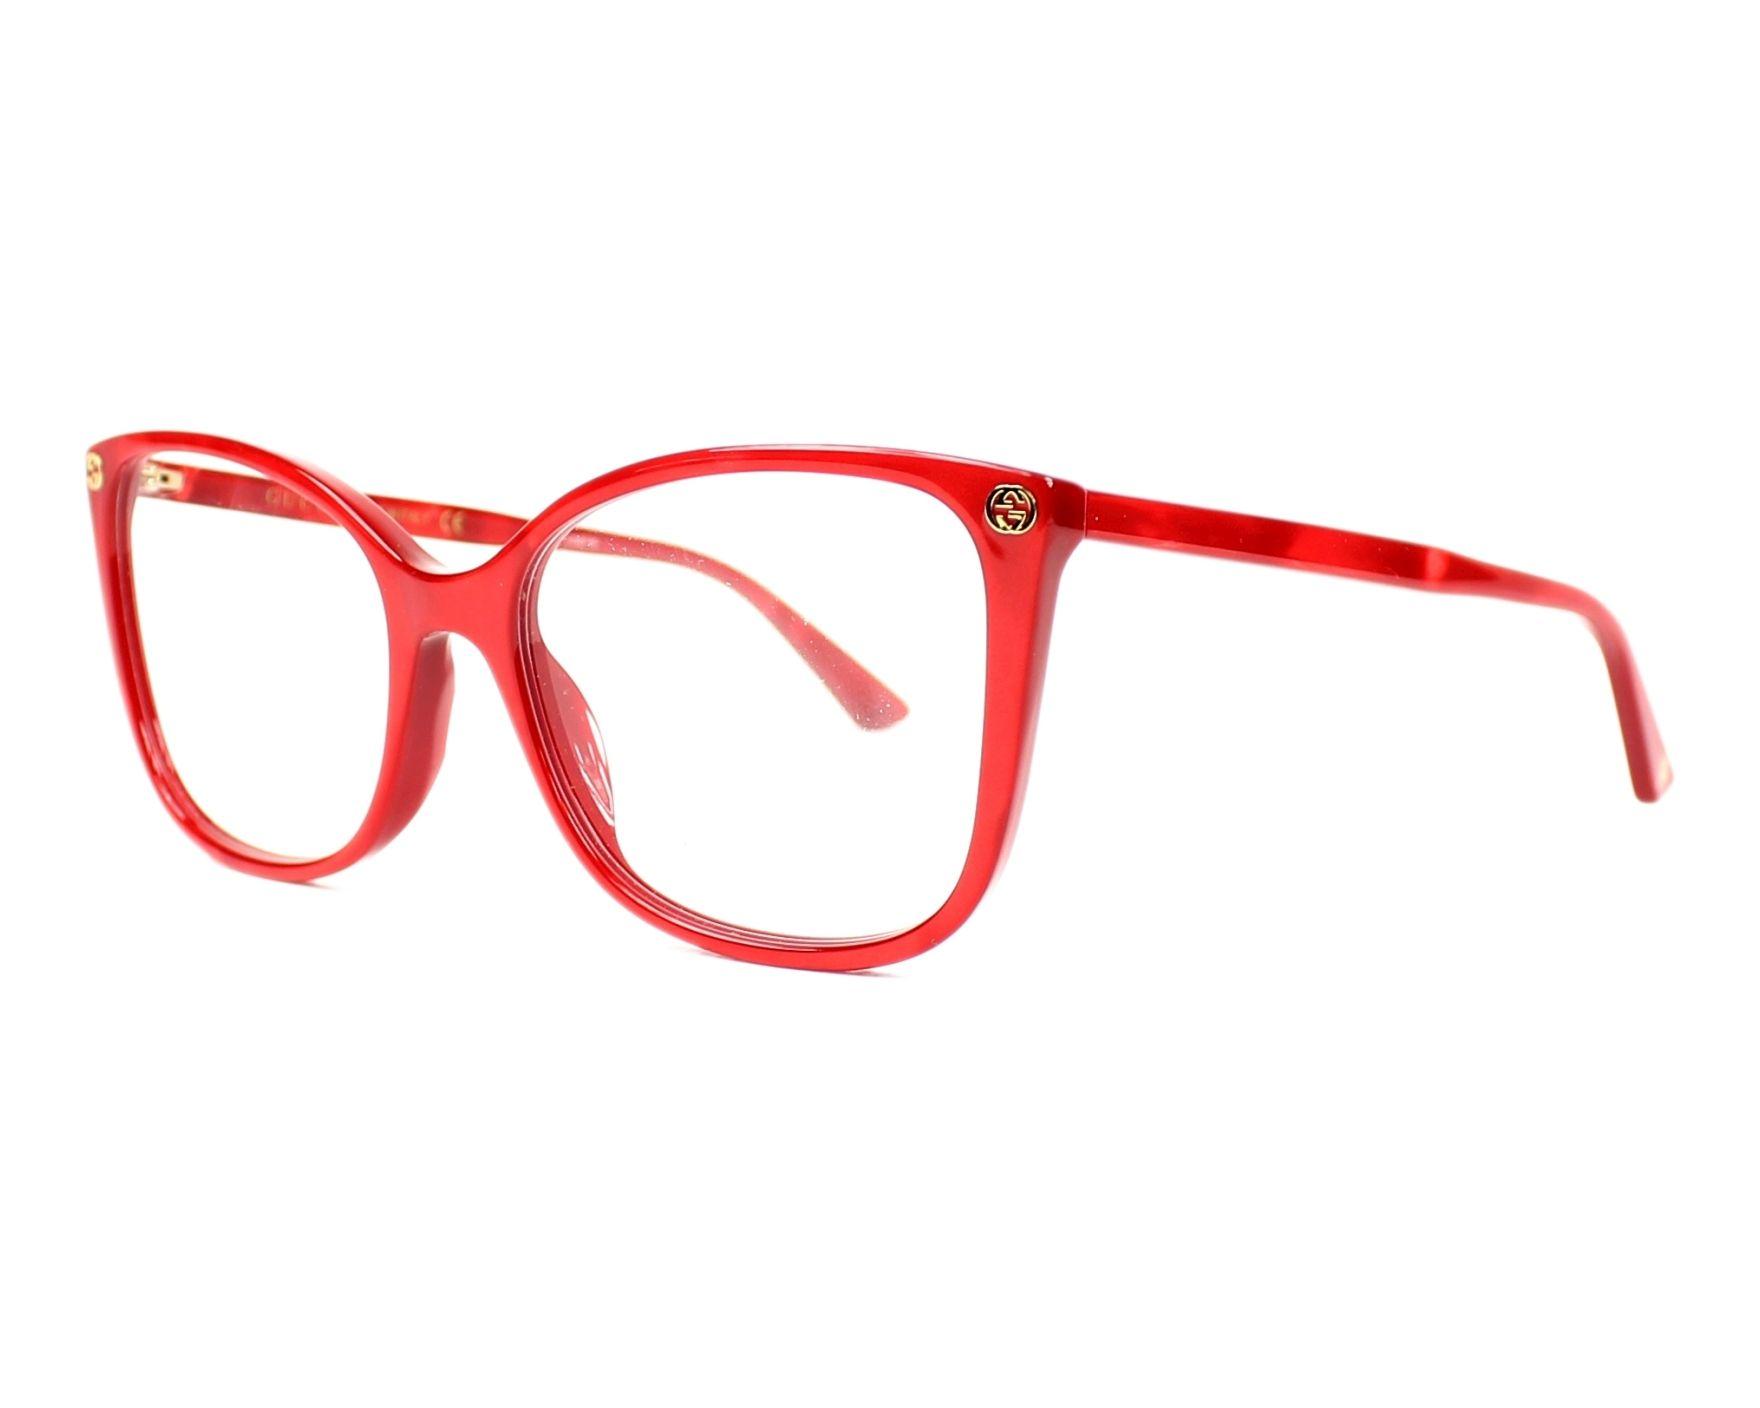 06168a4f1a Lunettes de vue Gucci GG-0026-O 004 53-17 Rouge vue de